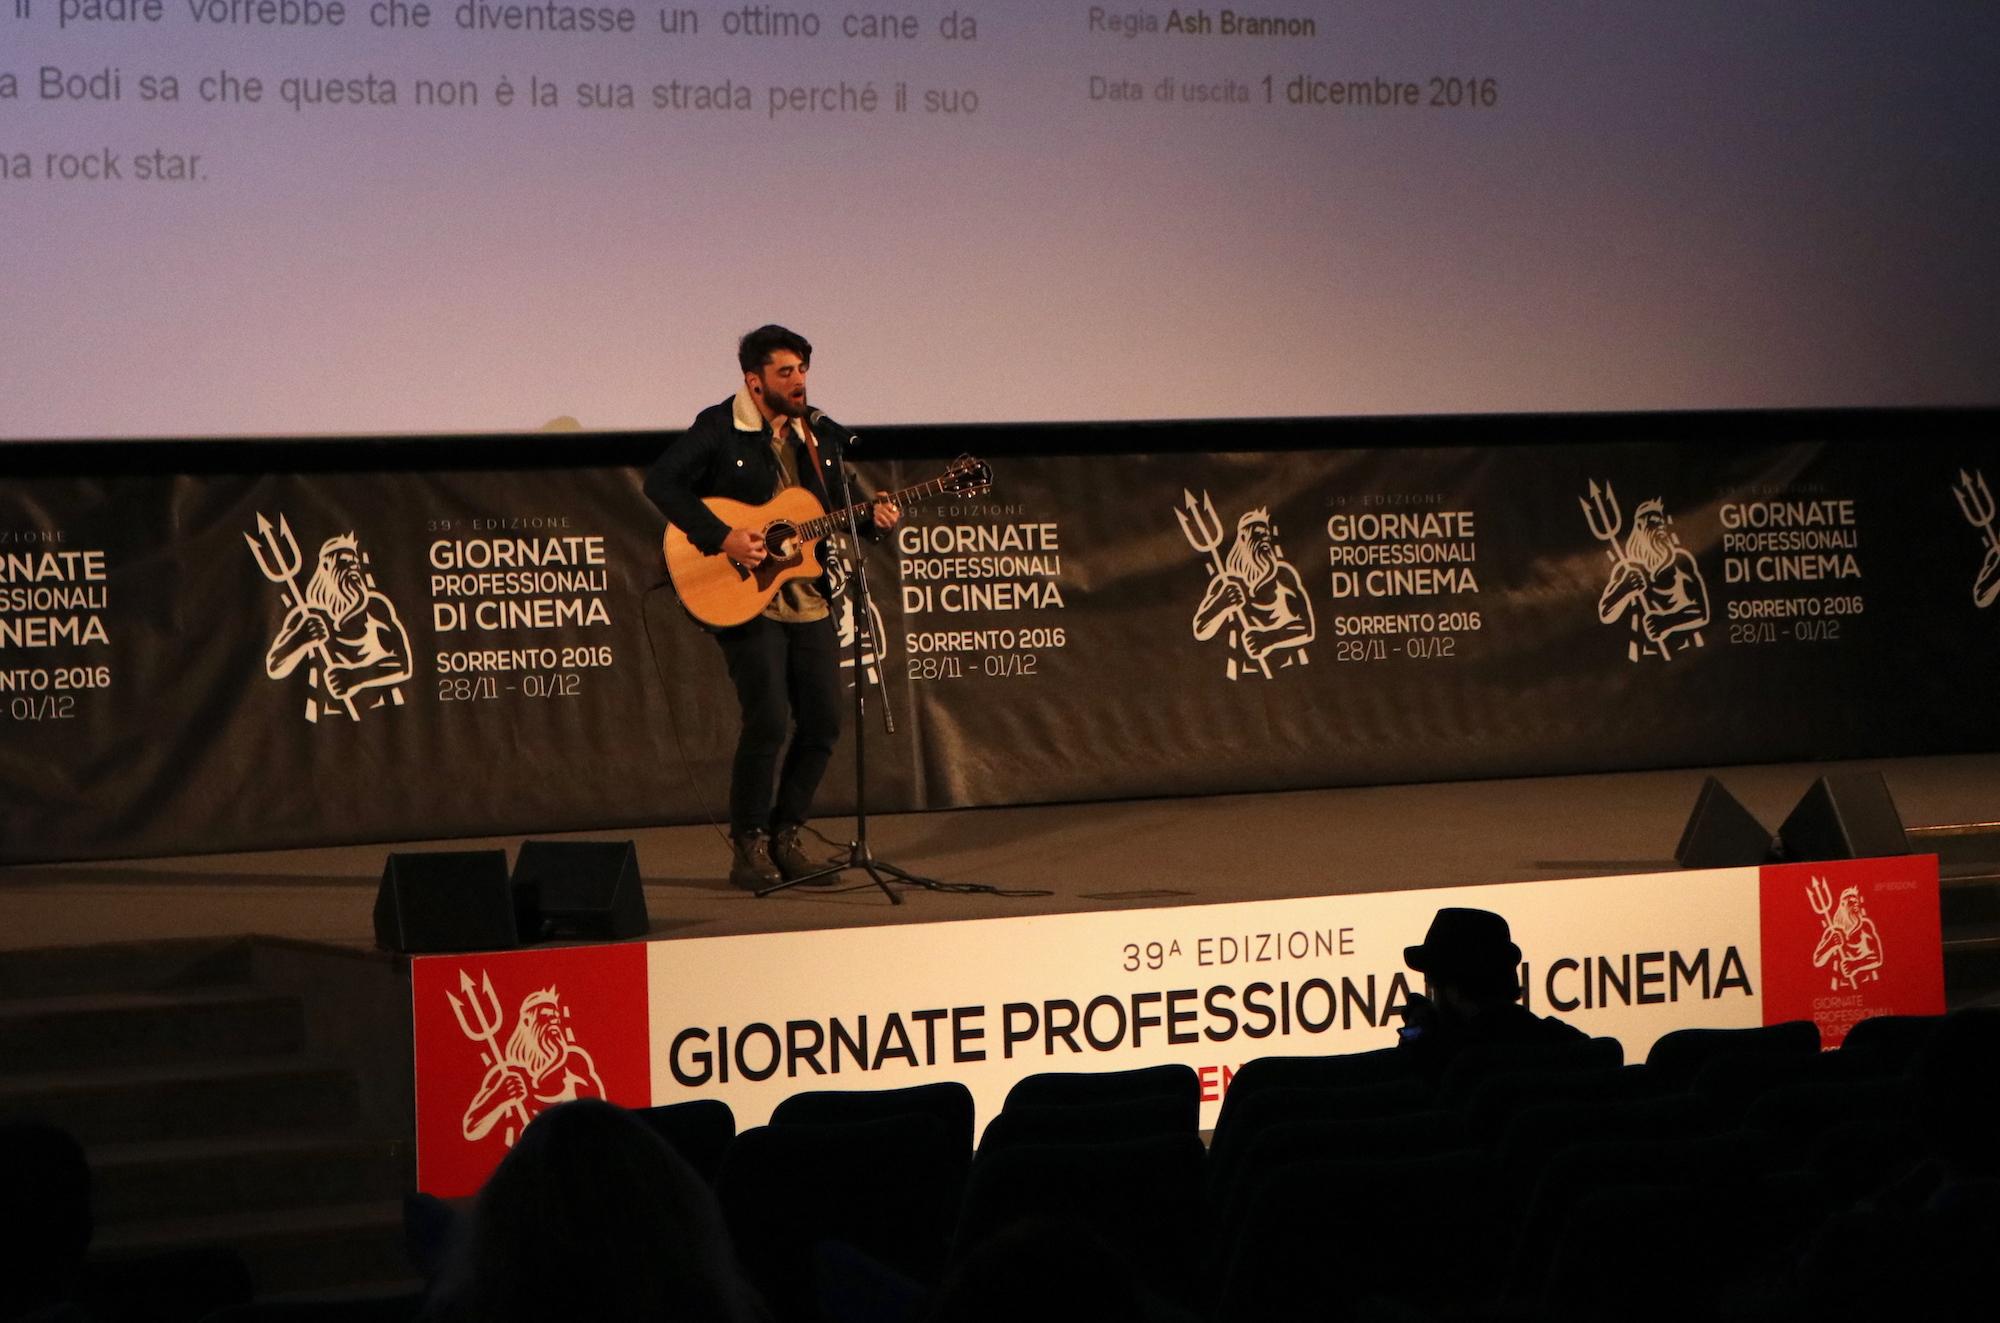 Giò Sada canta alle giornate professionali di cinema di Sorrento